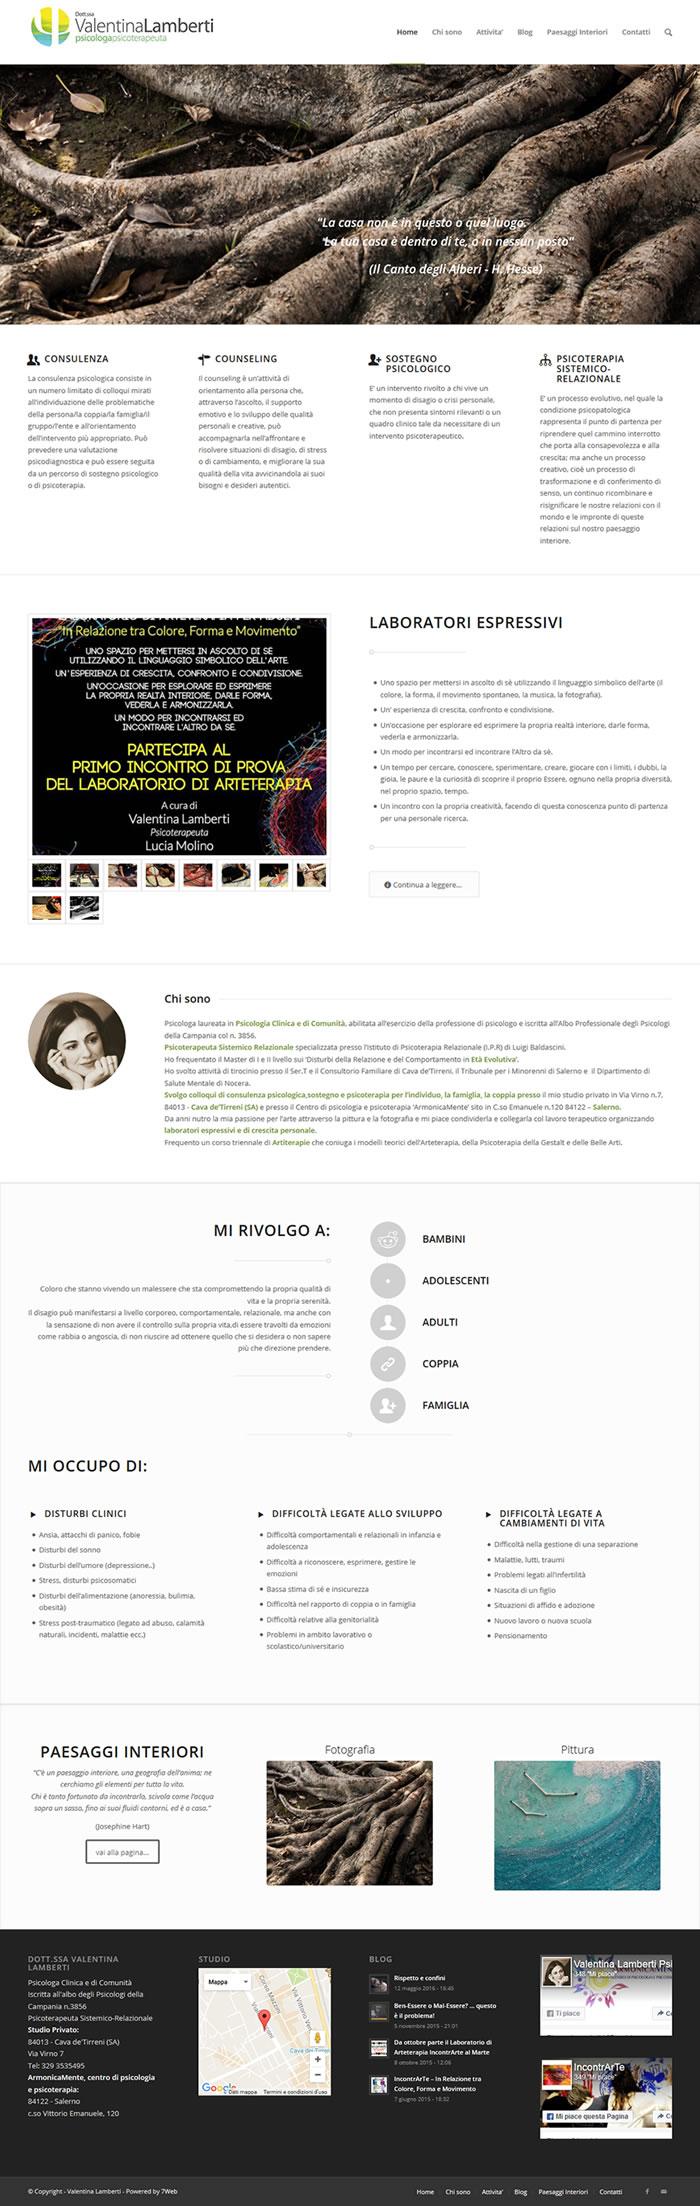 Psicologa Valentina Lamberti - Cava de Tirreni - Salerno